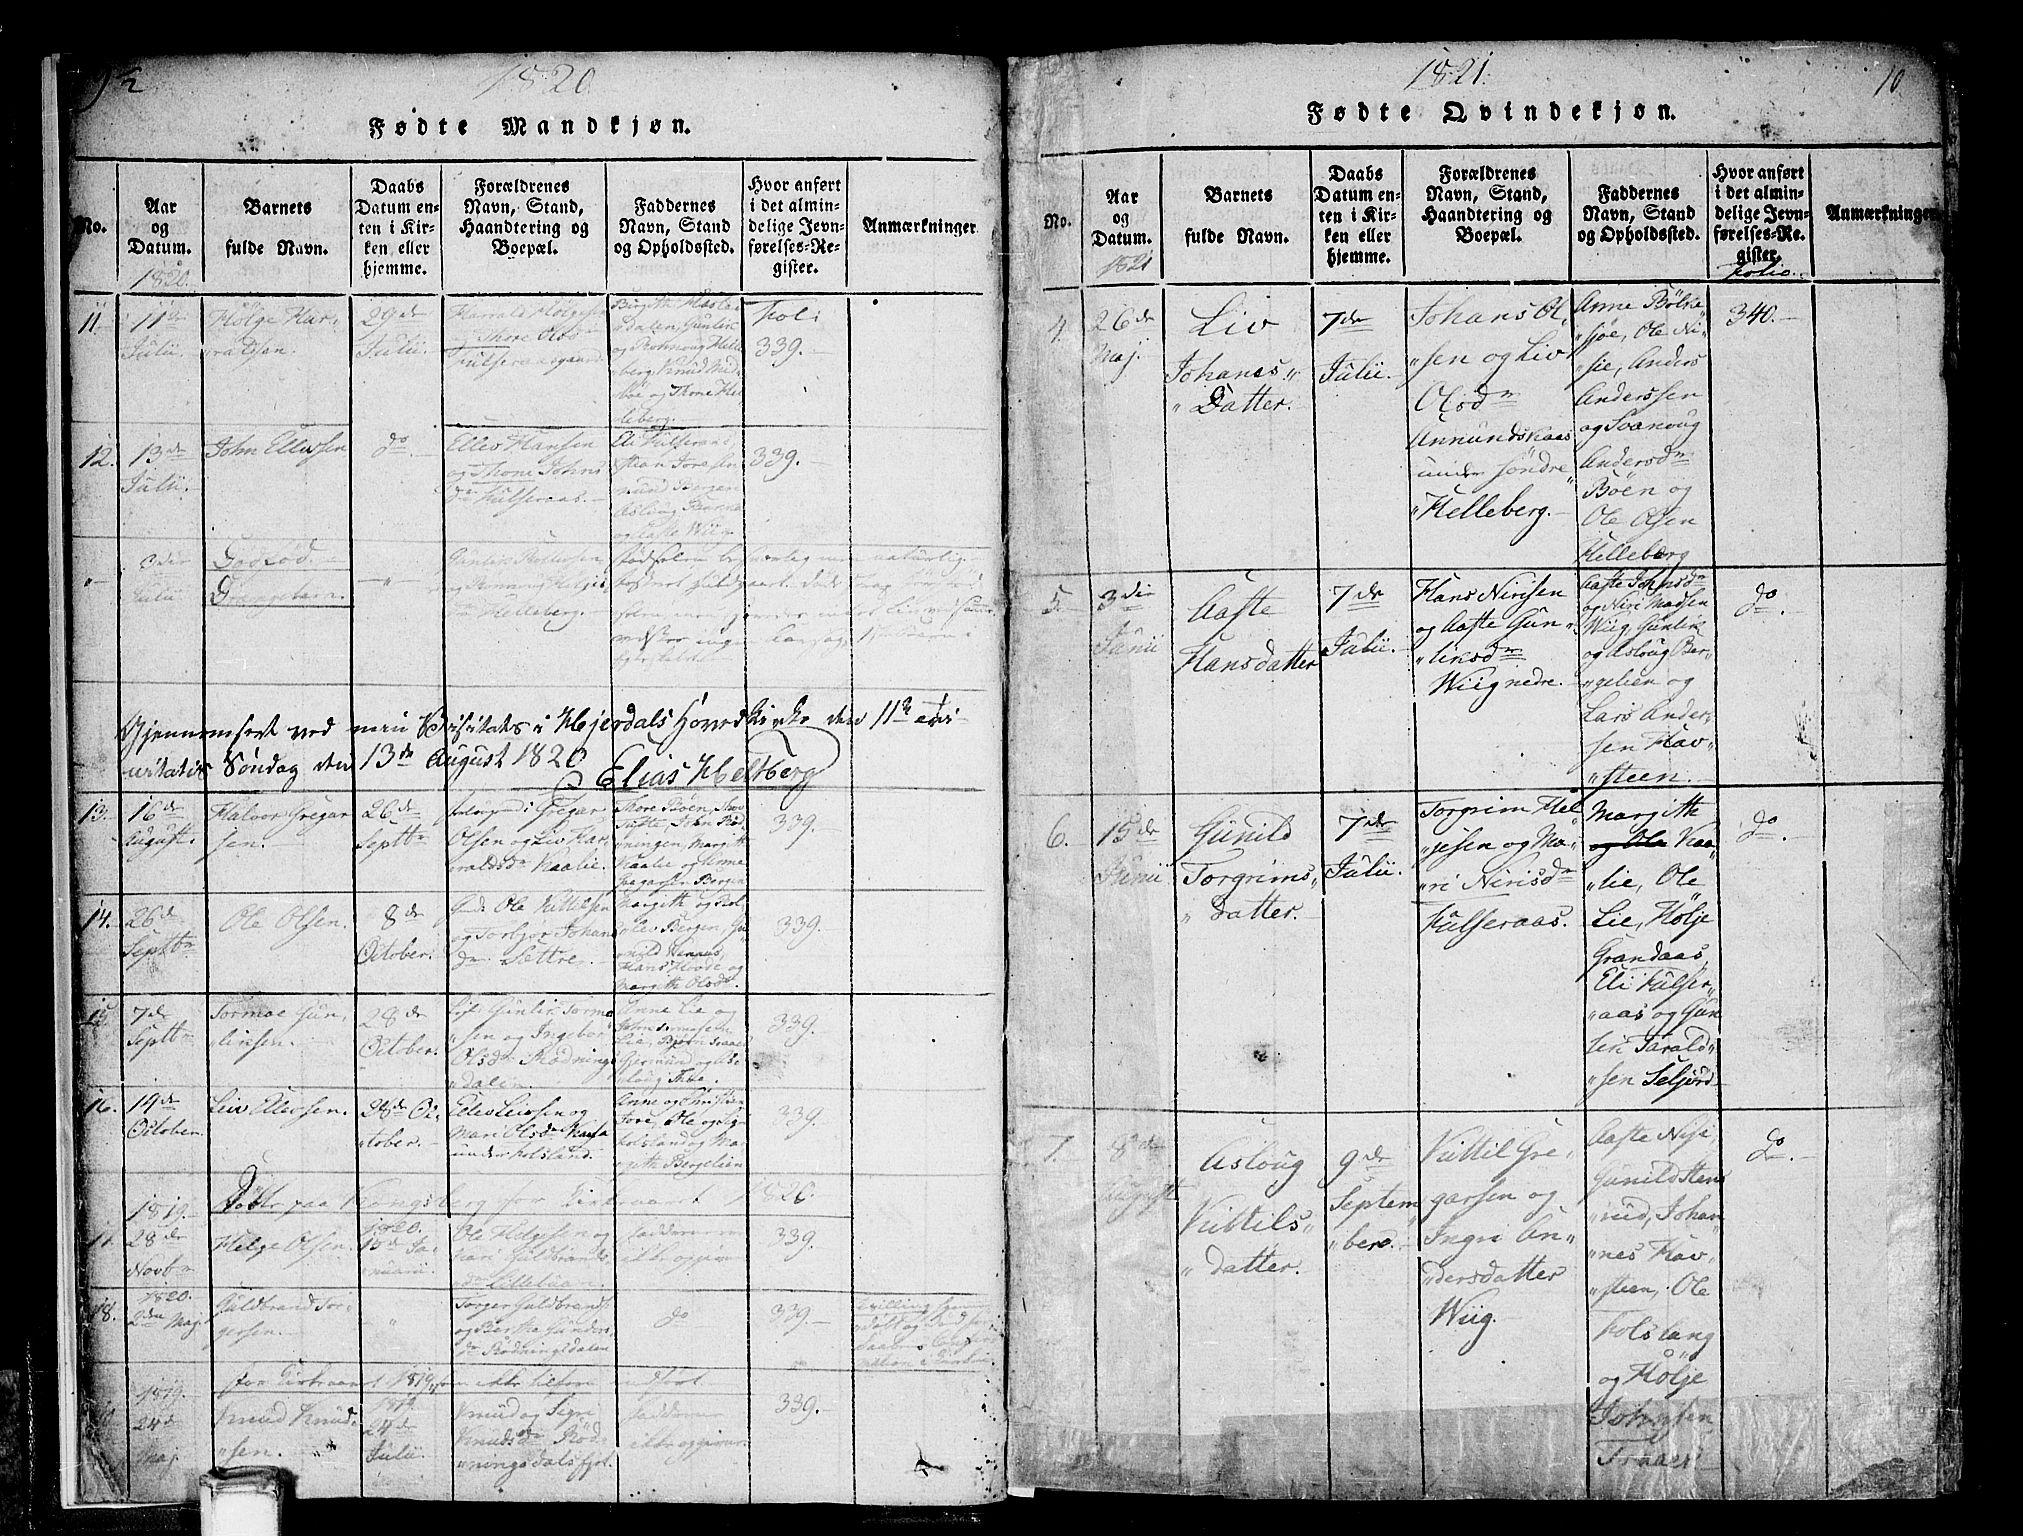 SAKO, Gransherad kirkebøker, F/Fa/L0001: Ministerialbok nr. I 1, 1815-1843, s. 10